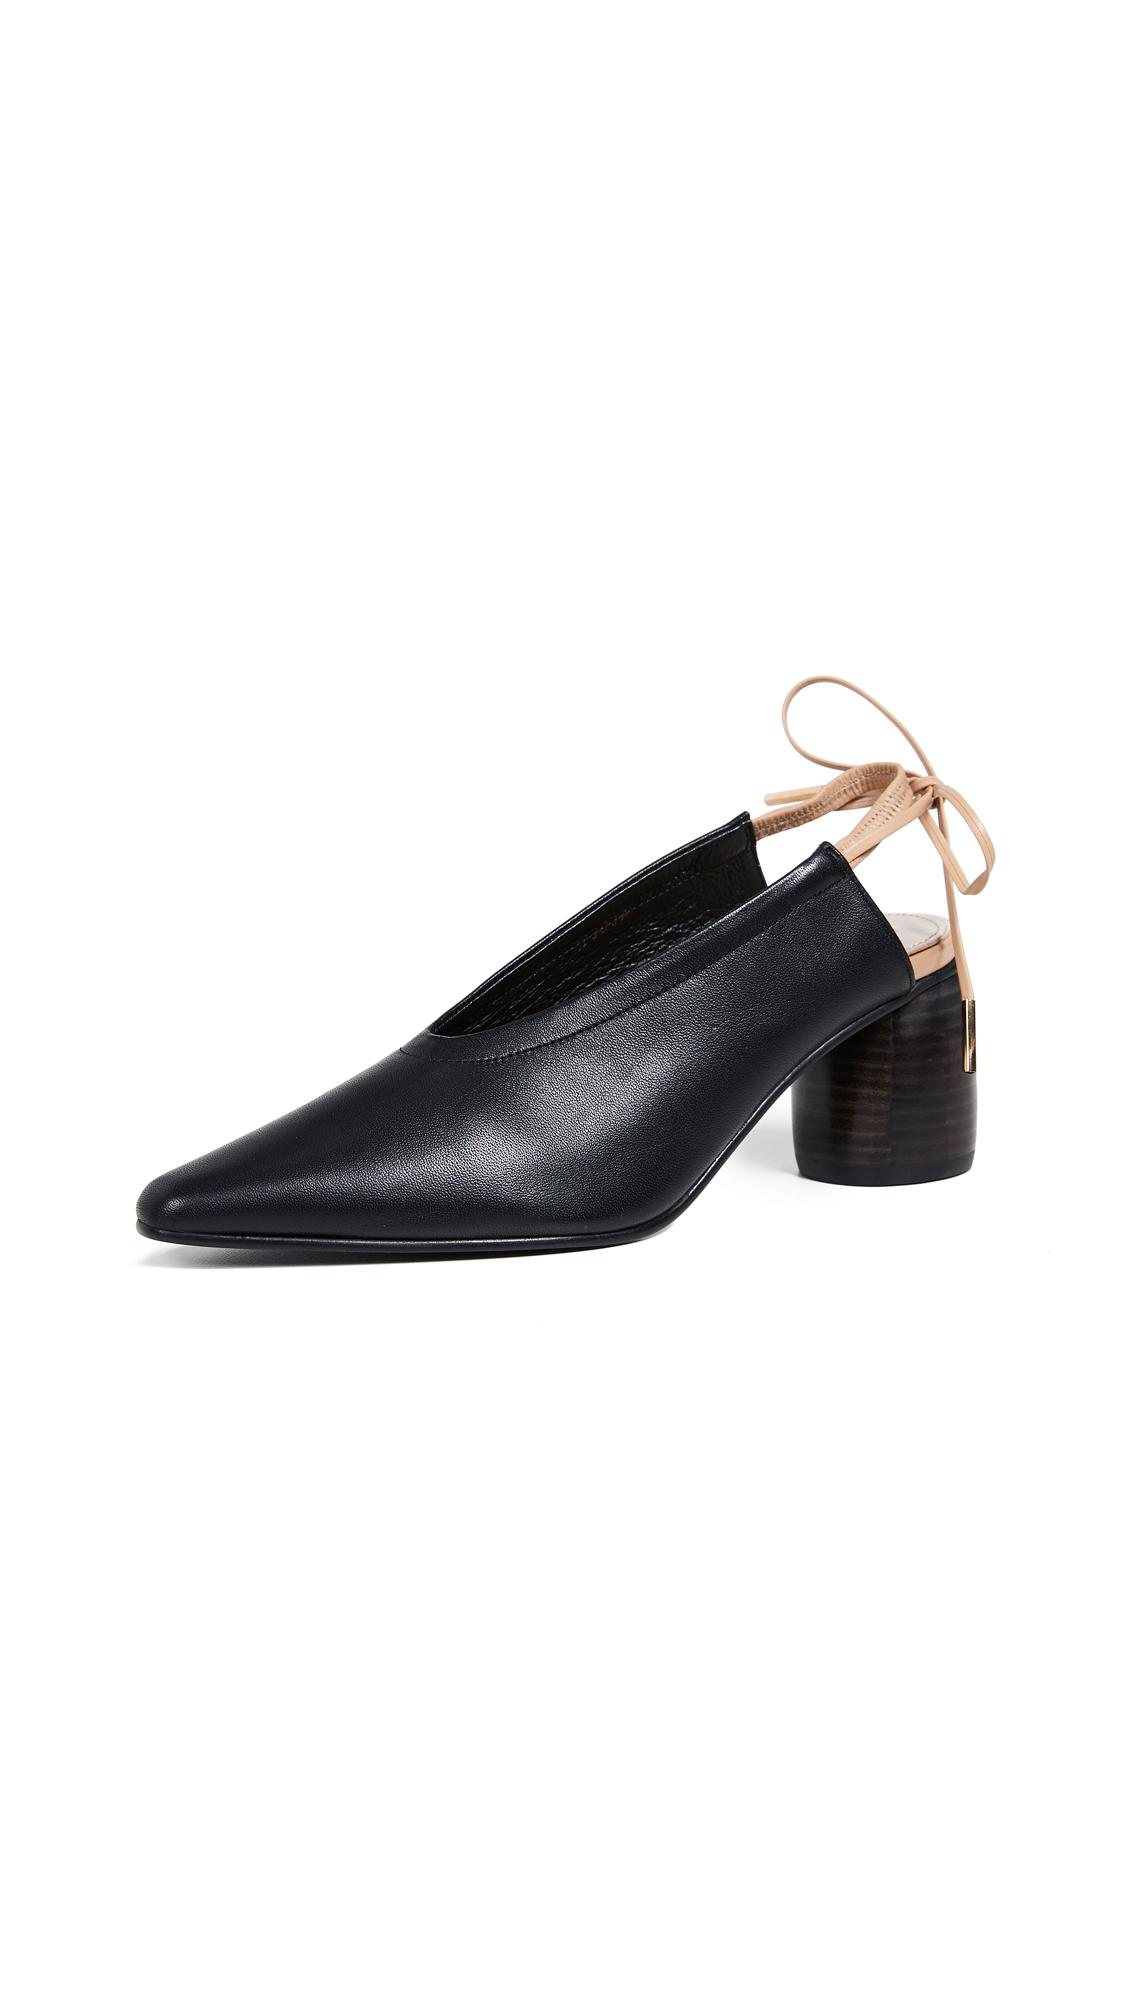 Reike Nen Ribbon Slingback Pumps - Black